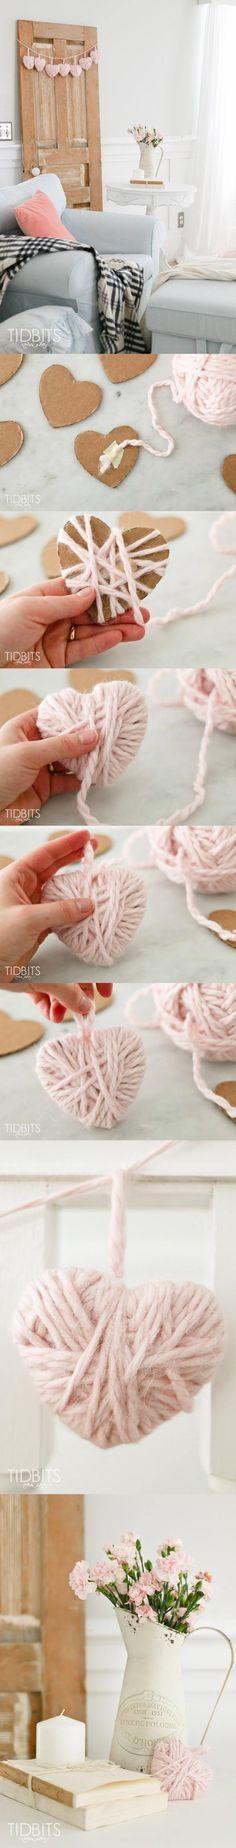 En vez de ❤ de cartón, una  -por ej.-, de corcho, para usar de pinchero forrado en lana